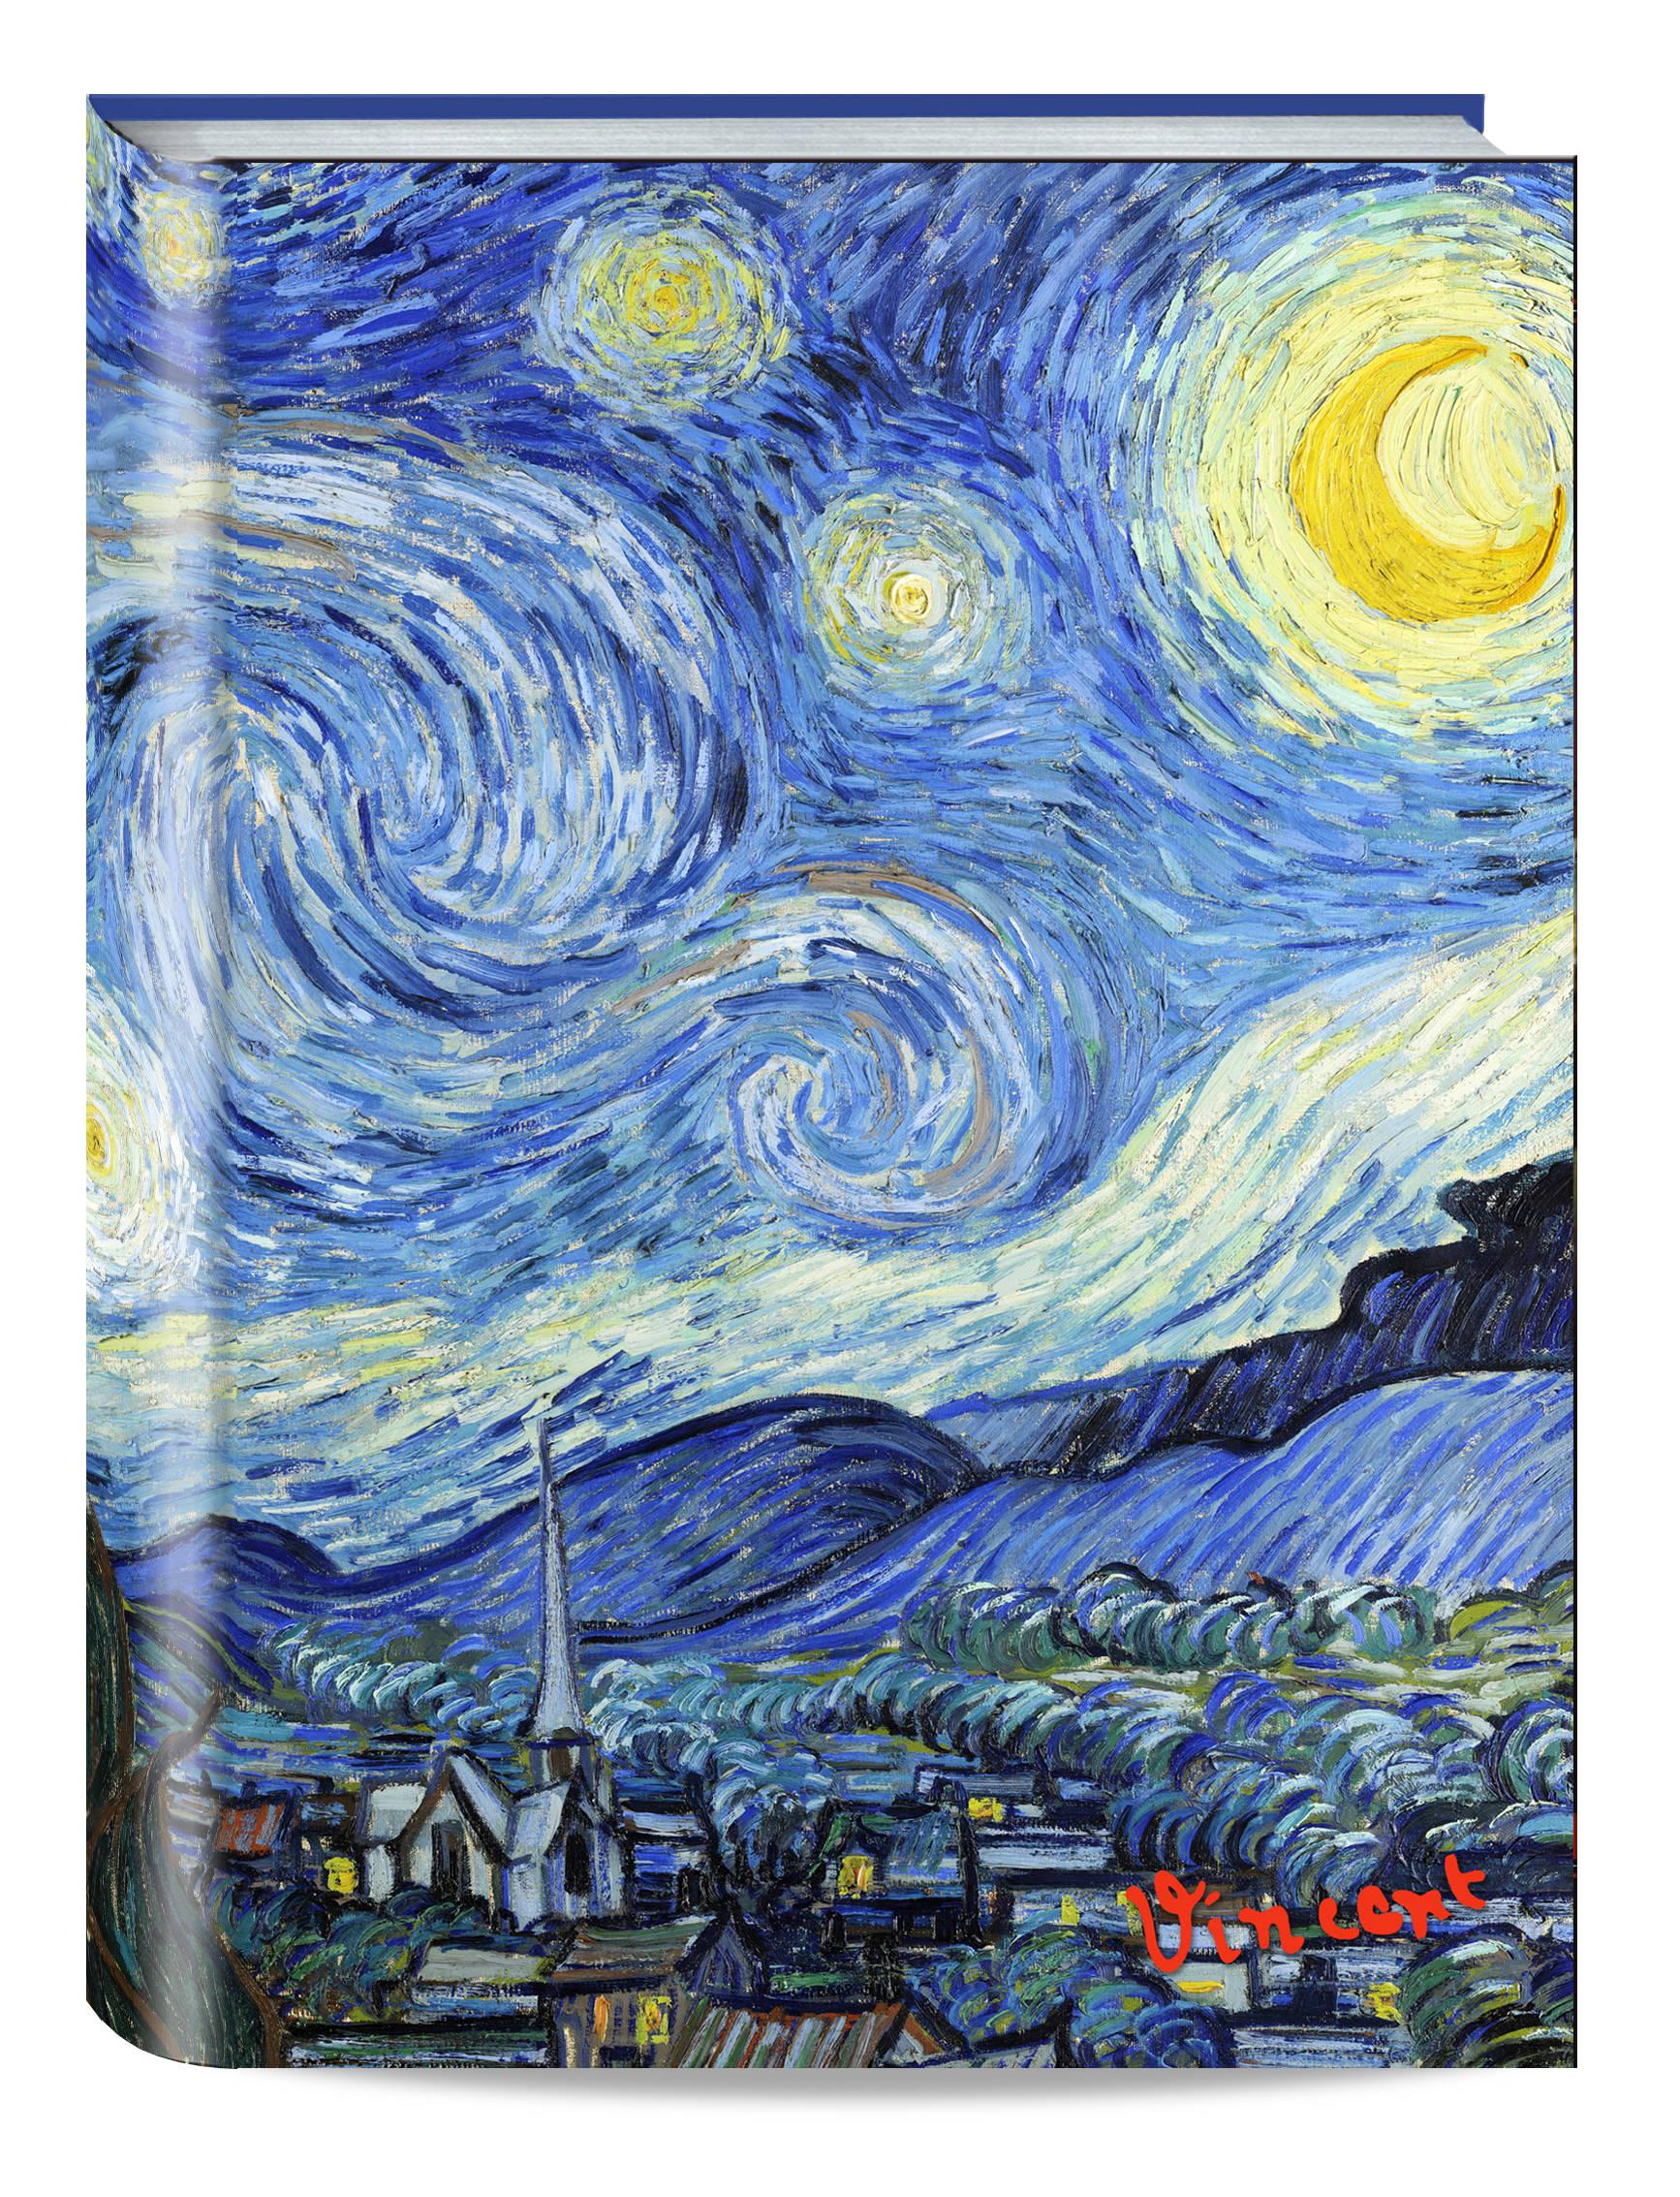 Обложка пластиковая универсальная. Ван Гог. Звёздная ночь (большой формат) (Арте) блокнот в пластиковой обложке ван гог цветущие ветки миндаля формат малый 64 страницы арте